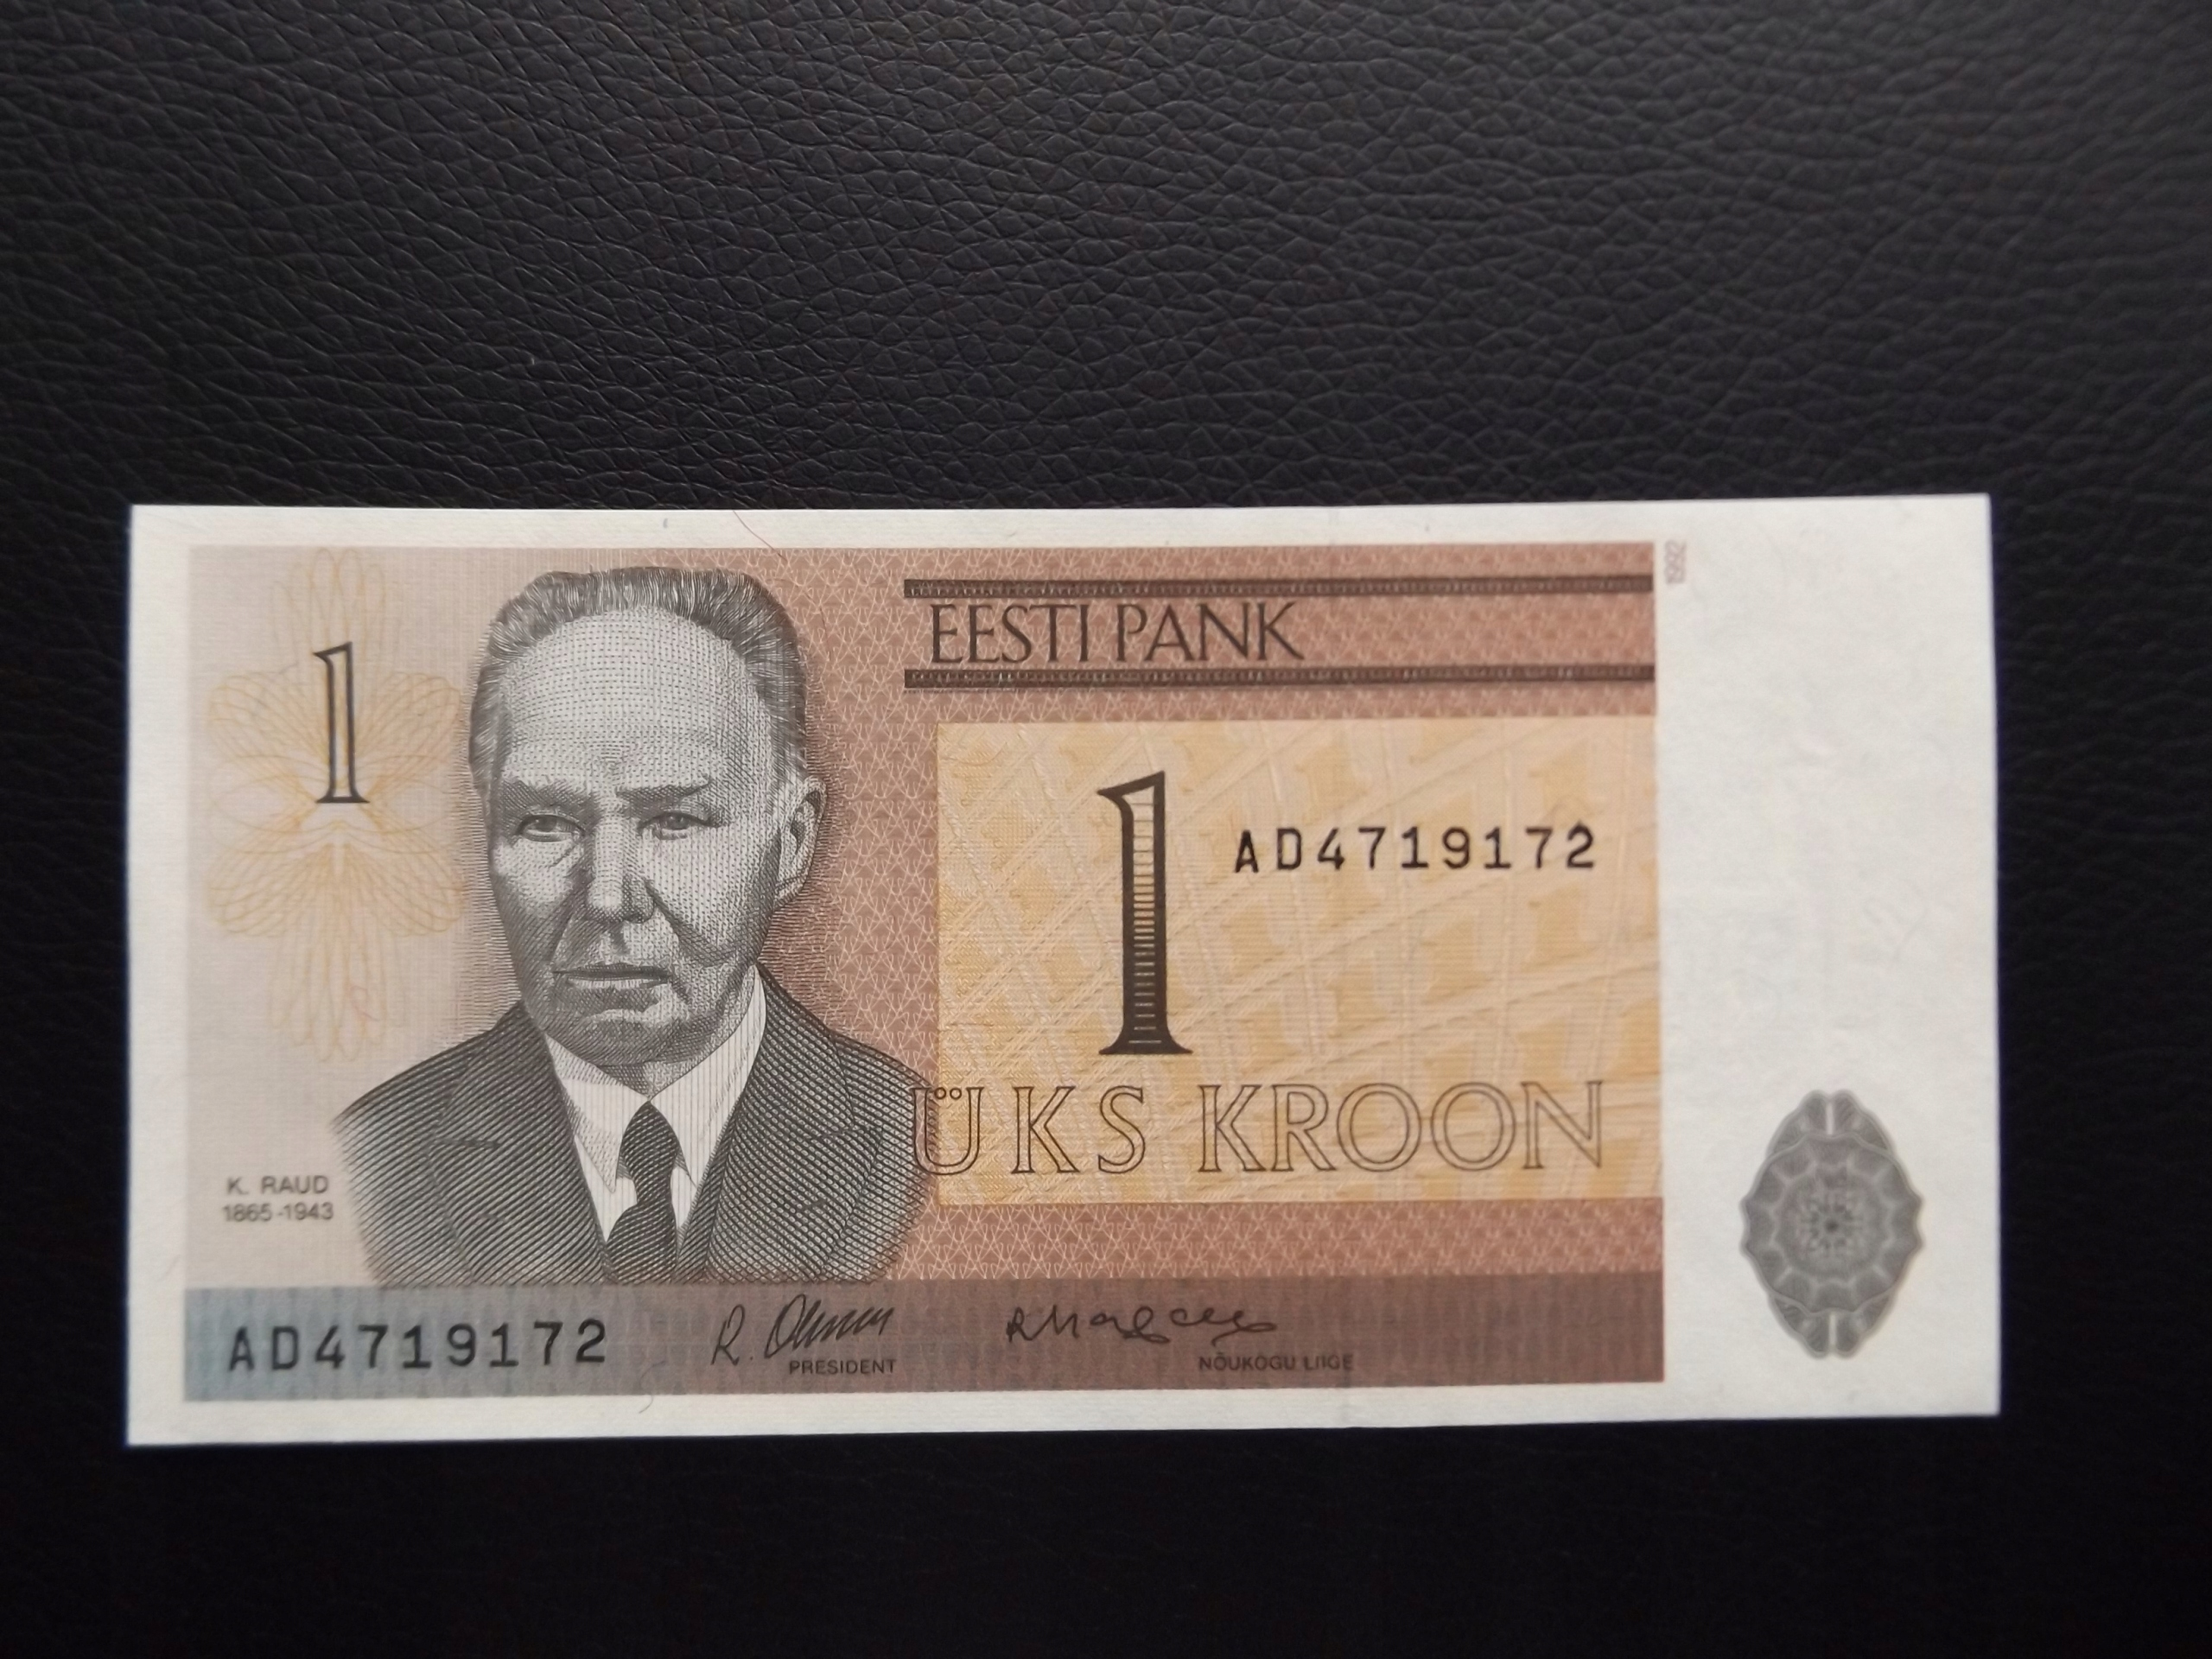 ESTONIA 1992 r. 1 KROON PIĘKNY STAN UNC